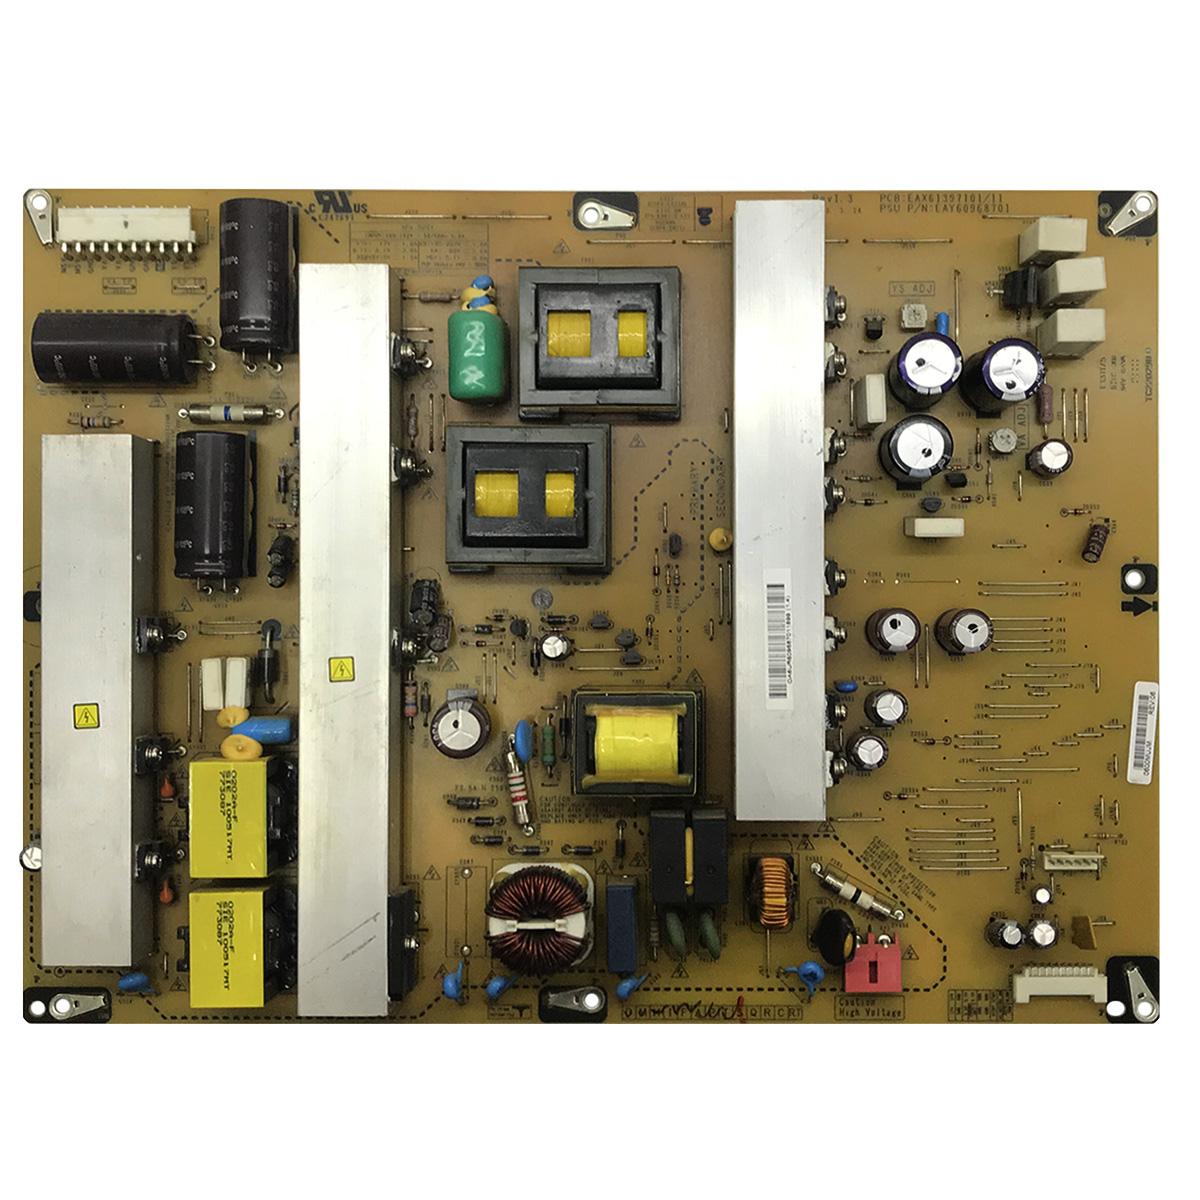 Блок питания EAX61397101 11 для LG 50PJ363R